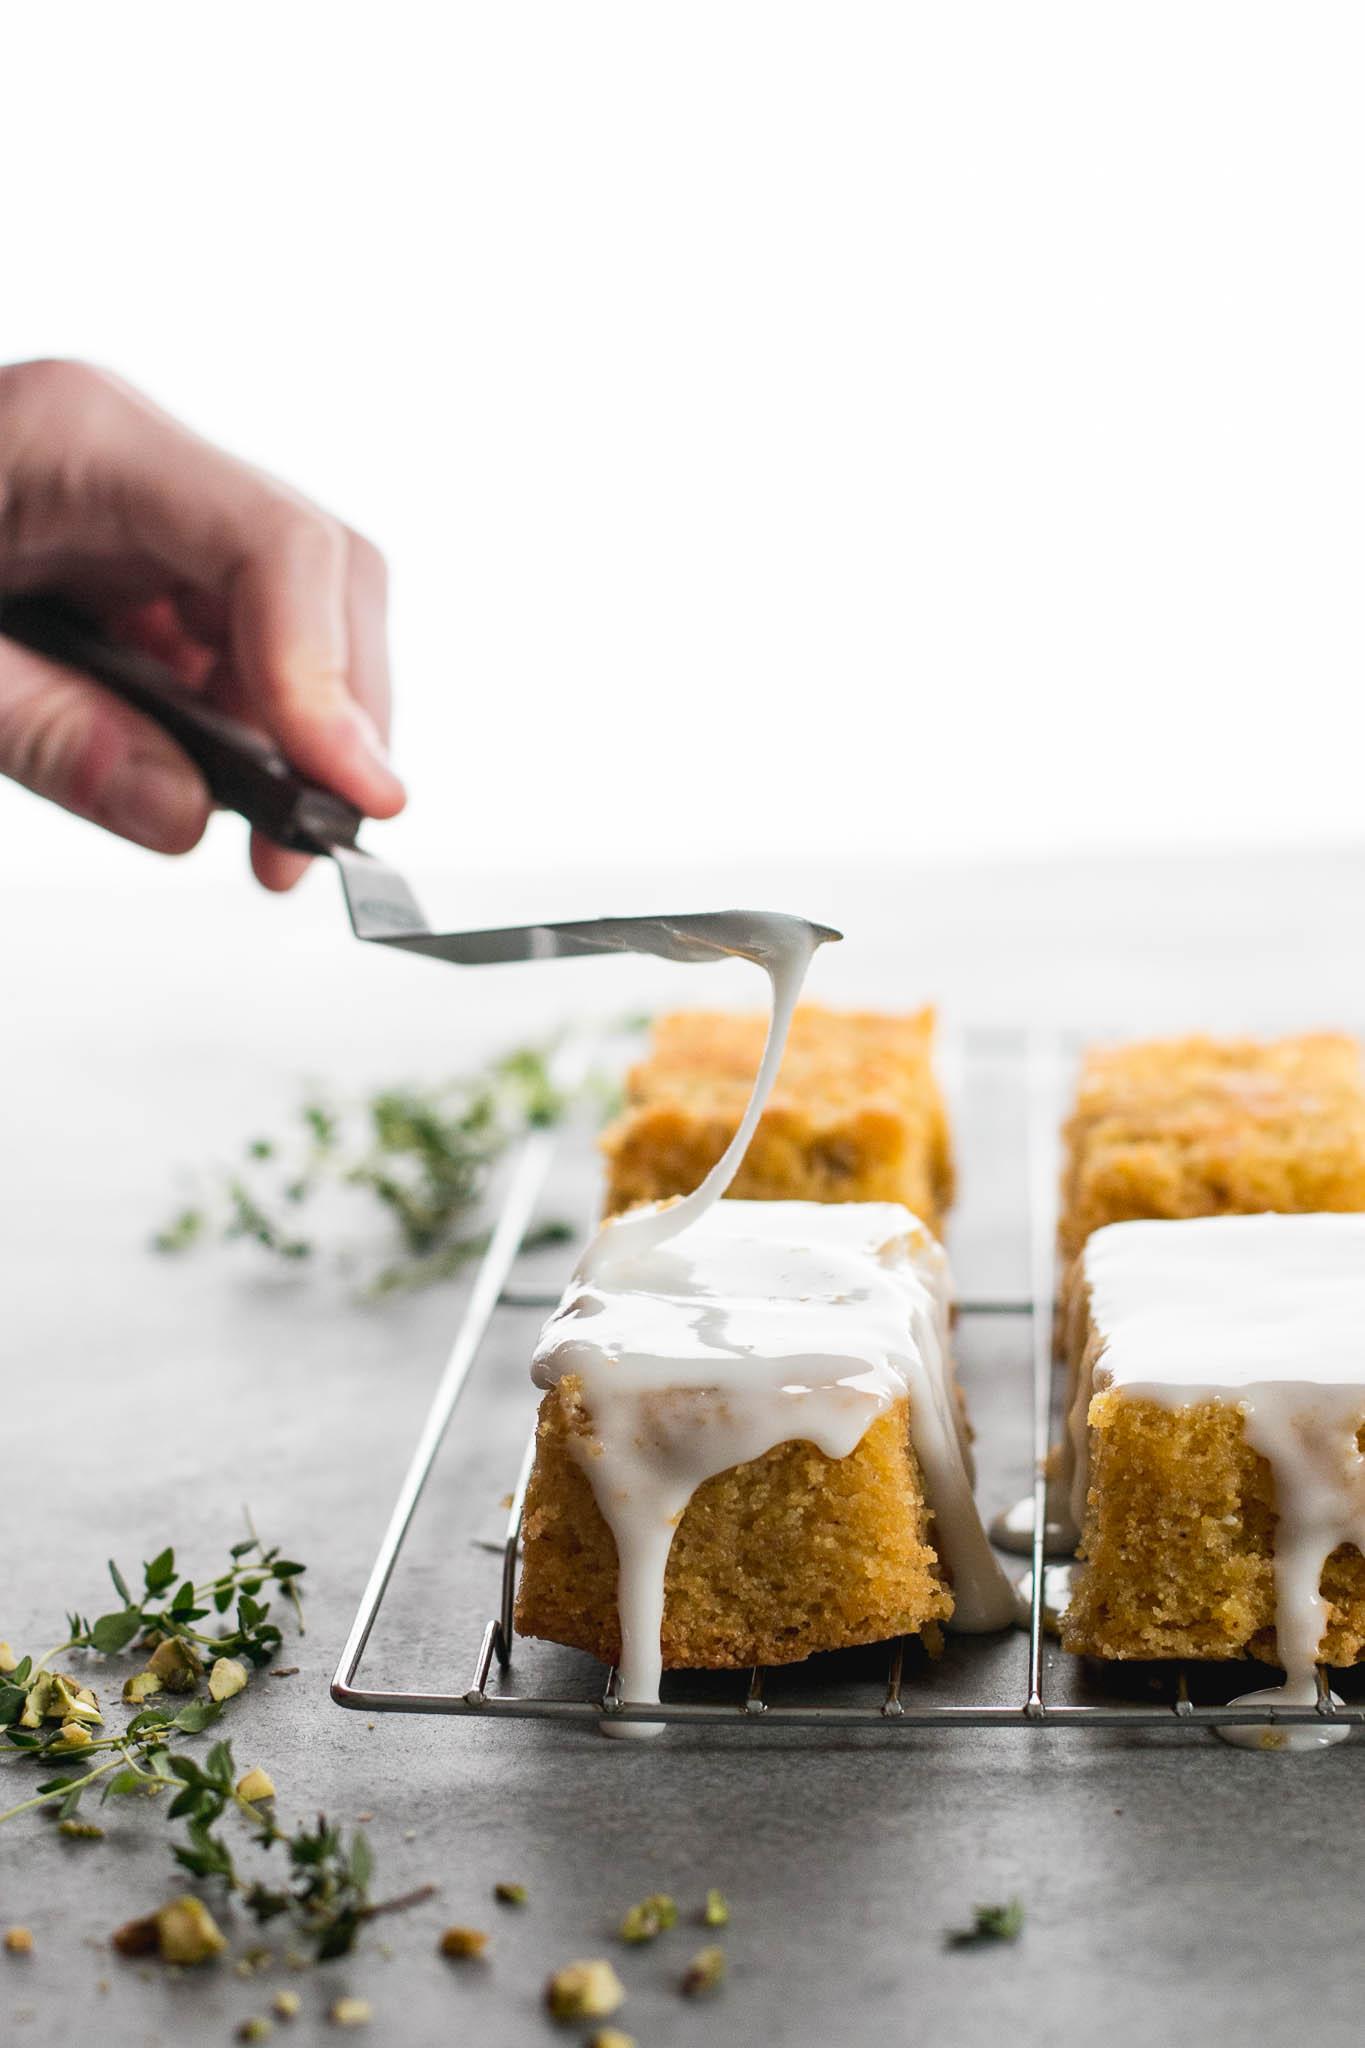 Lemon Polenta & Pistachio Cakes - The Brick Kitchen